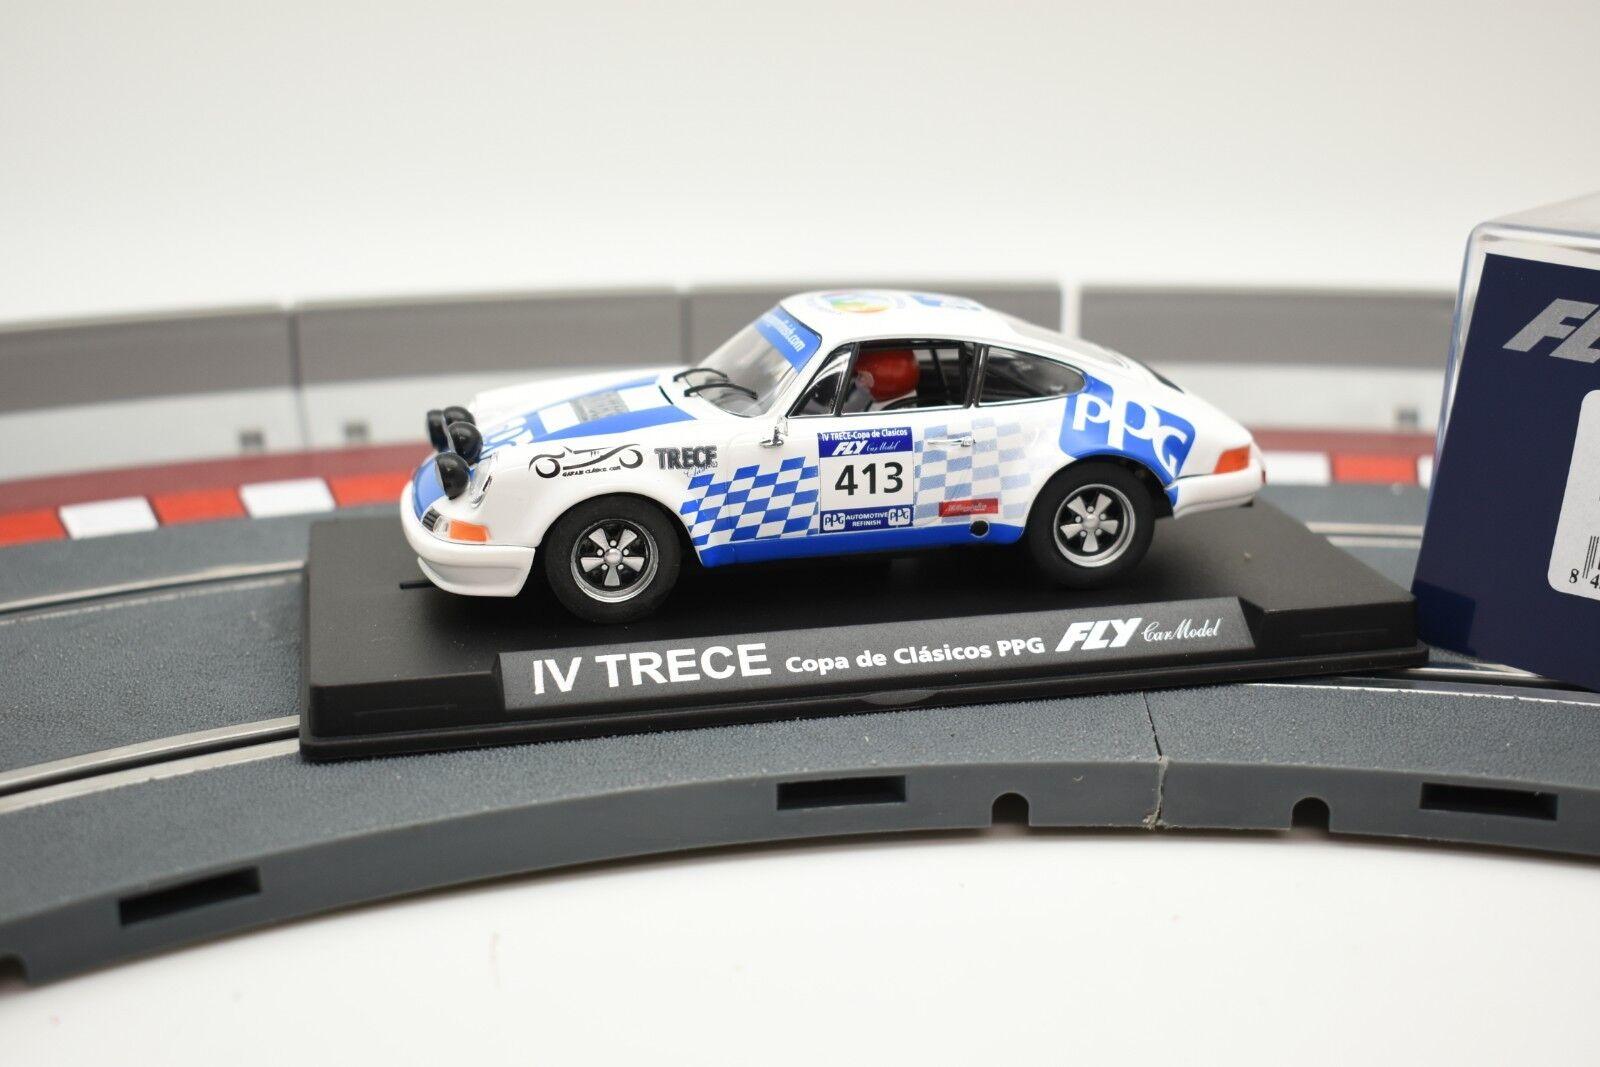 96080 FLY CAR MODEL 1 32 SLOT CAR PORSCHE 911 S IV TRECE COPA DE CLASICOS E-903